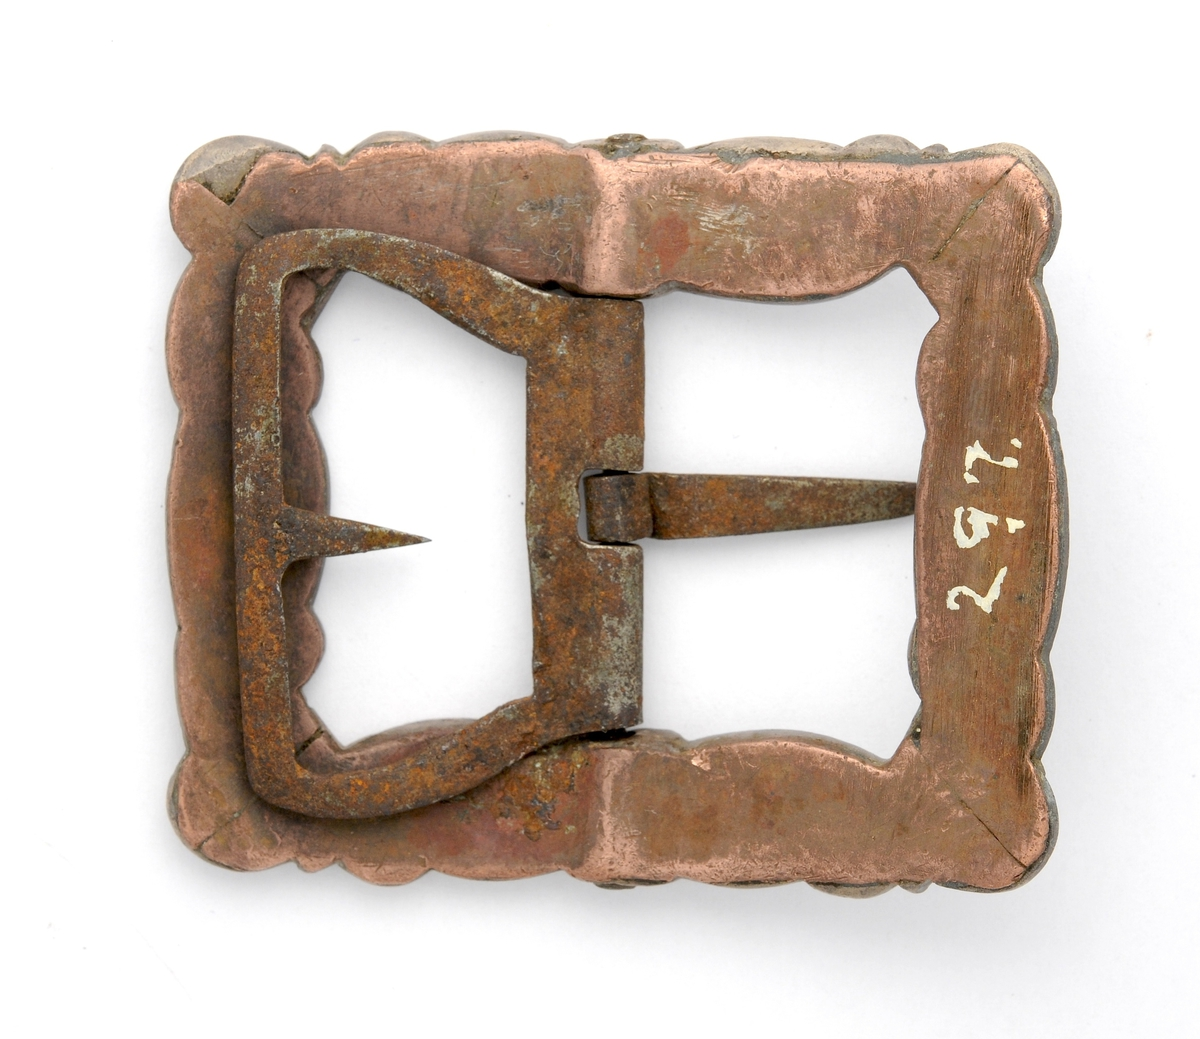 Spenne støypt i messing. Rektangulær form, litt bøygd. Stolpe, kalv og tann smidd i jern. Baksida forsterka med kopar.